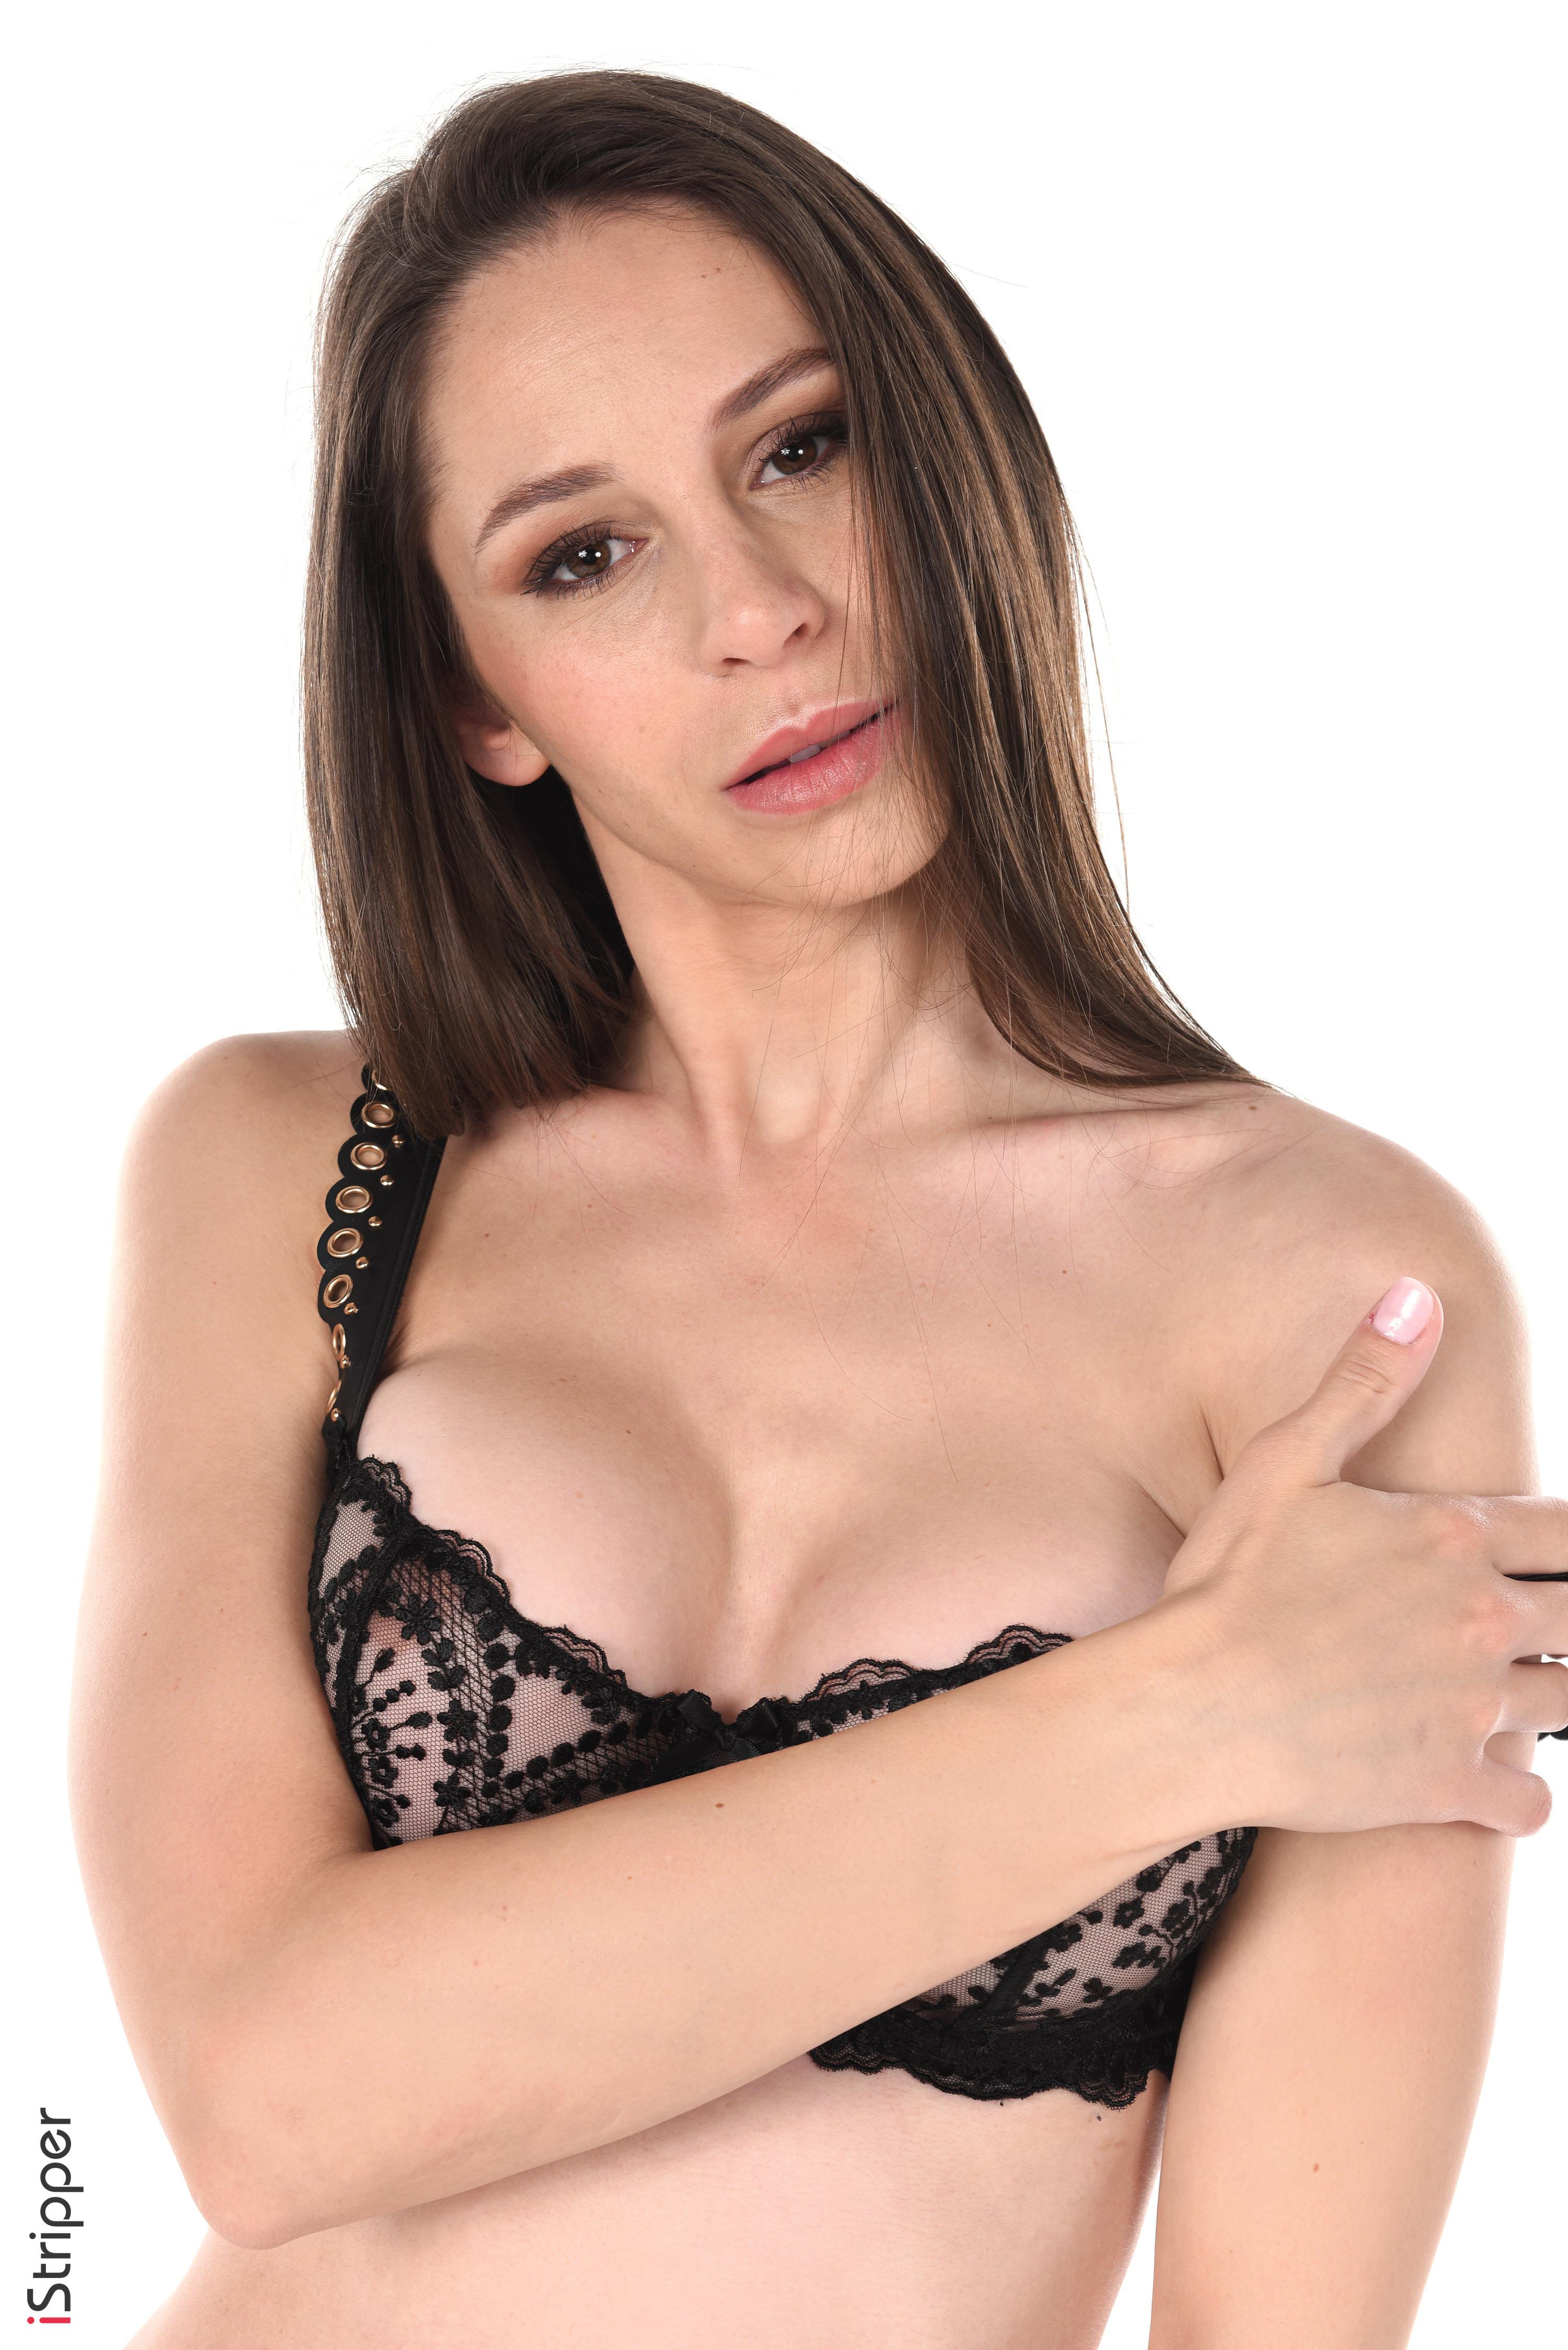 sexy ass african webcam striptease after church ameman6